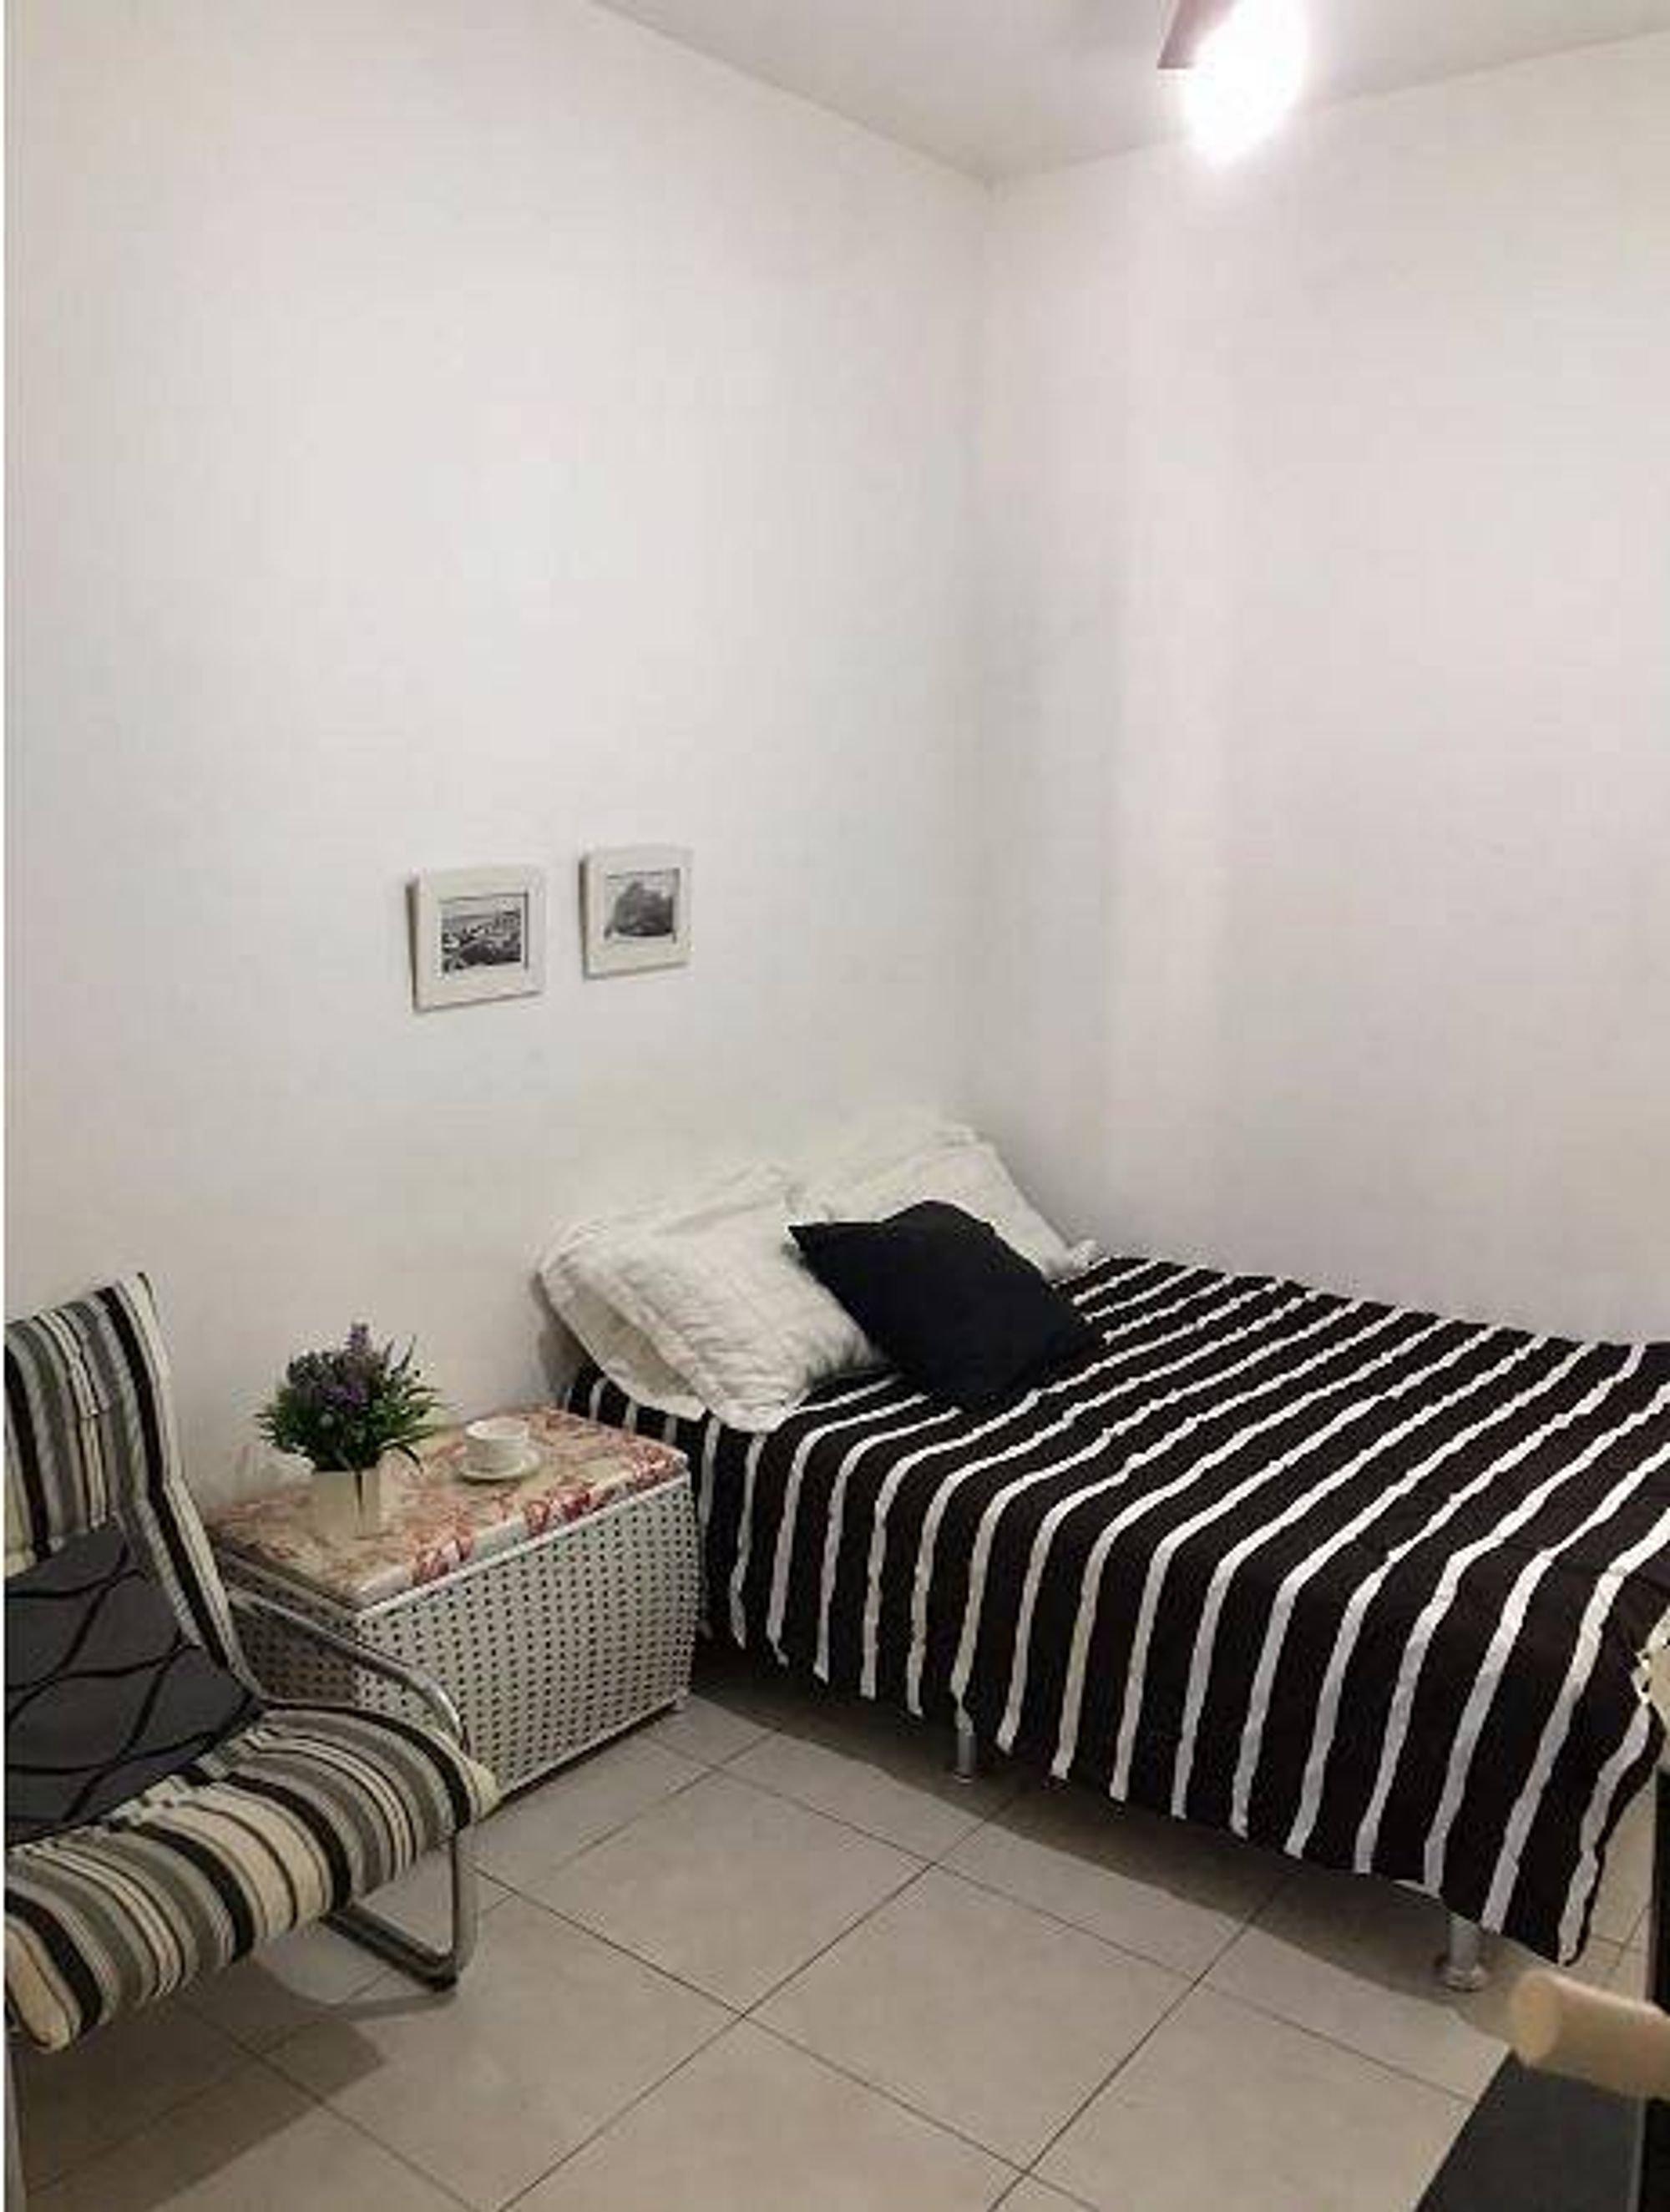 Foto de Quarto com cama, vaso de planta, sofá